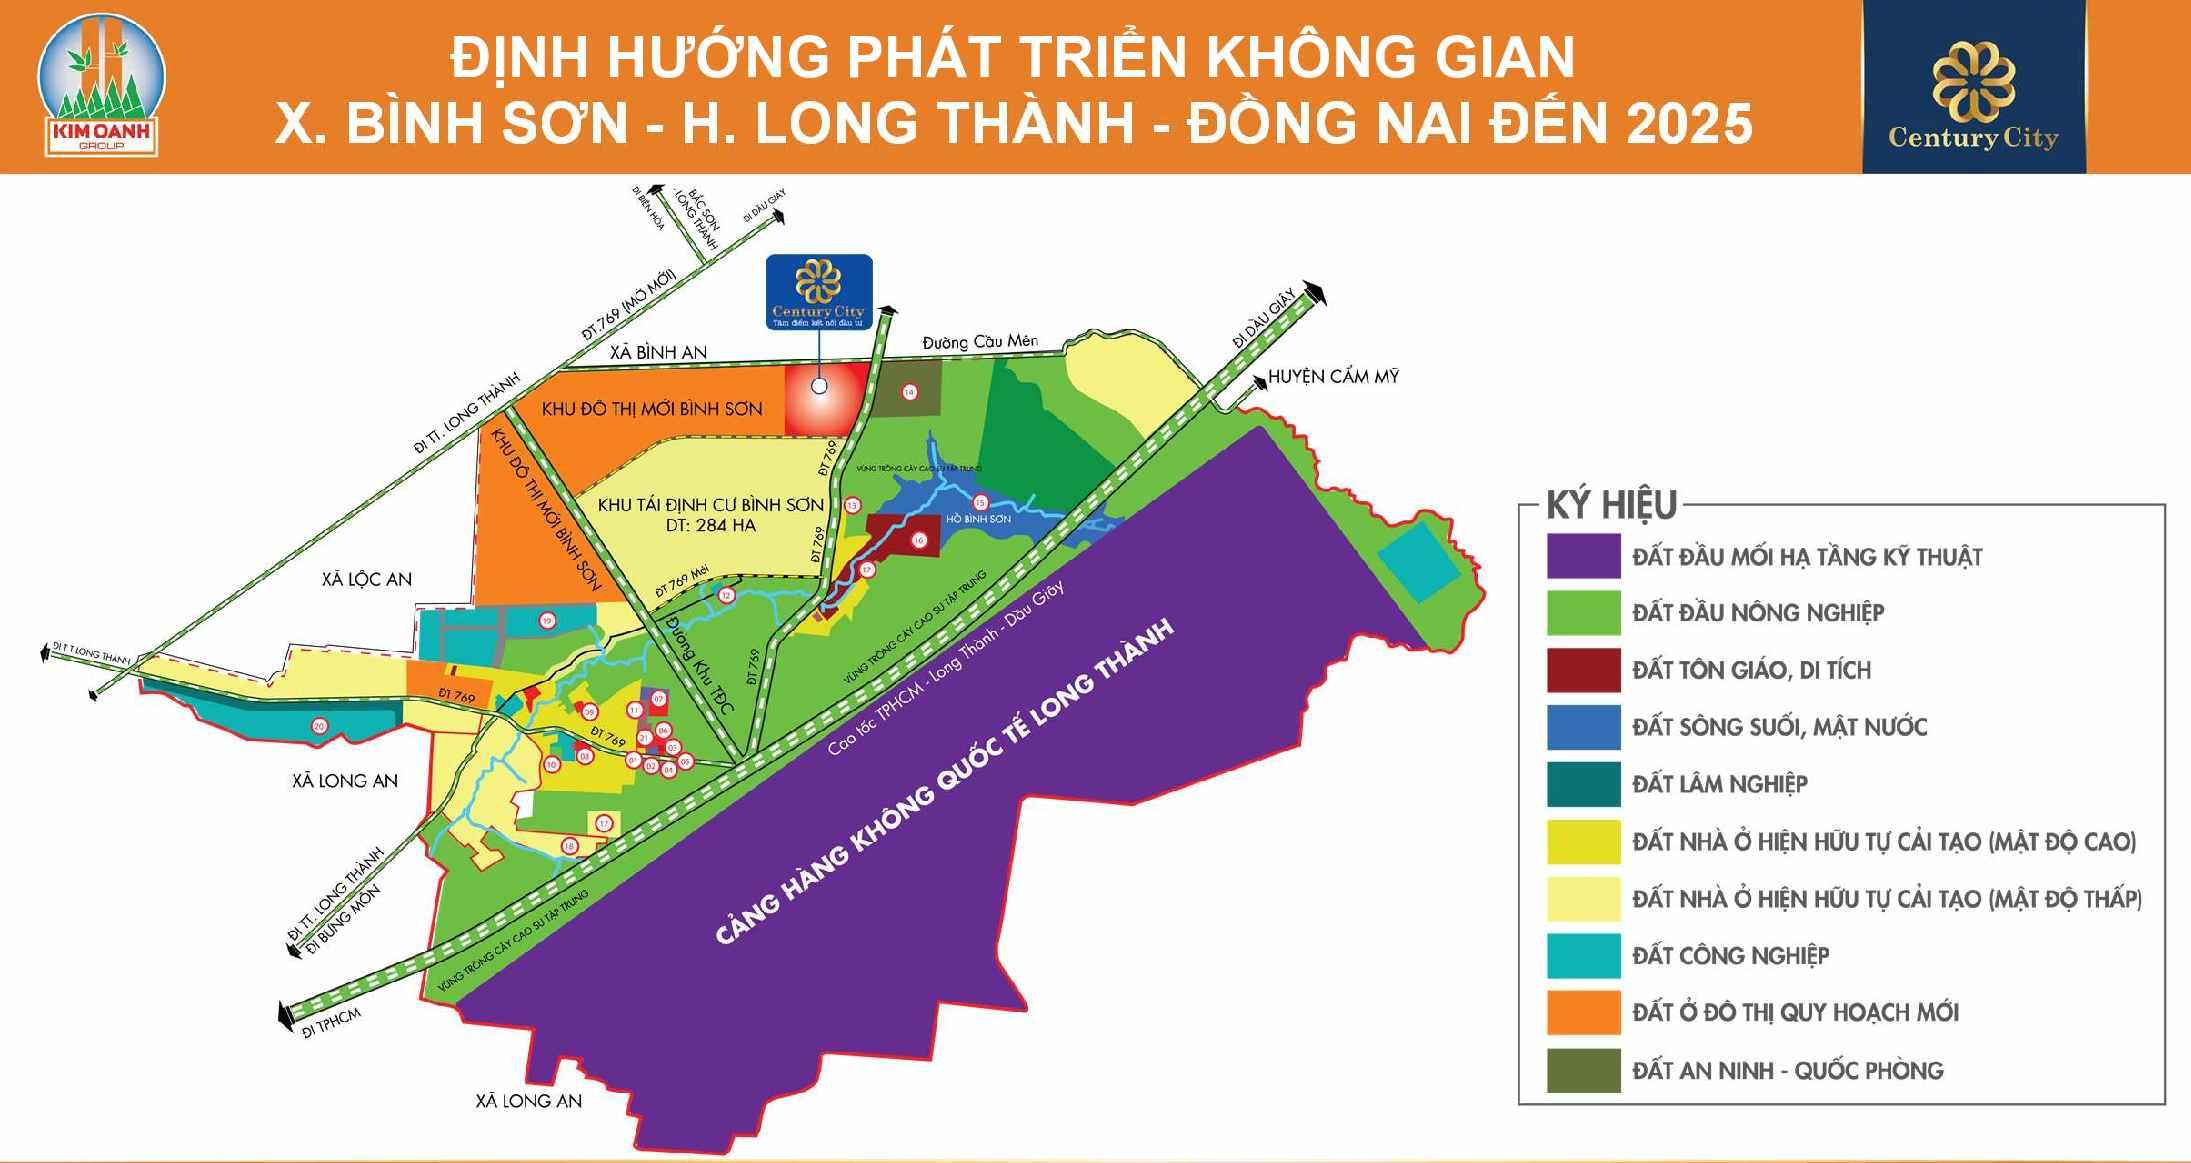 Định hướng phát triển không gian tại xã Bình Sơn, huyện Long Thành, tỉnh Đồng Nai đến 2025